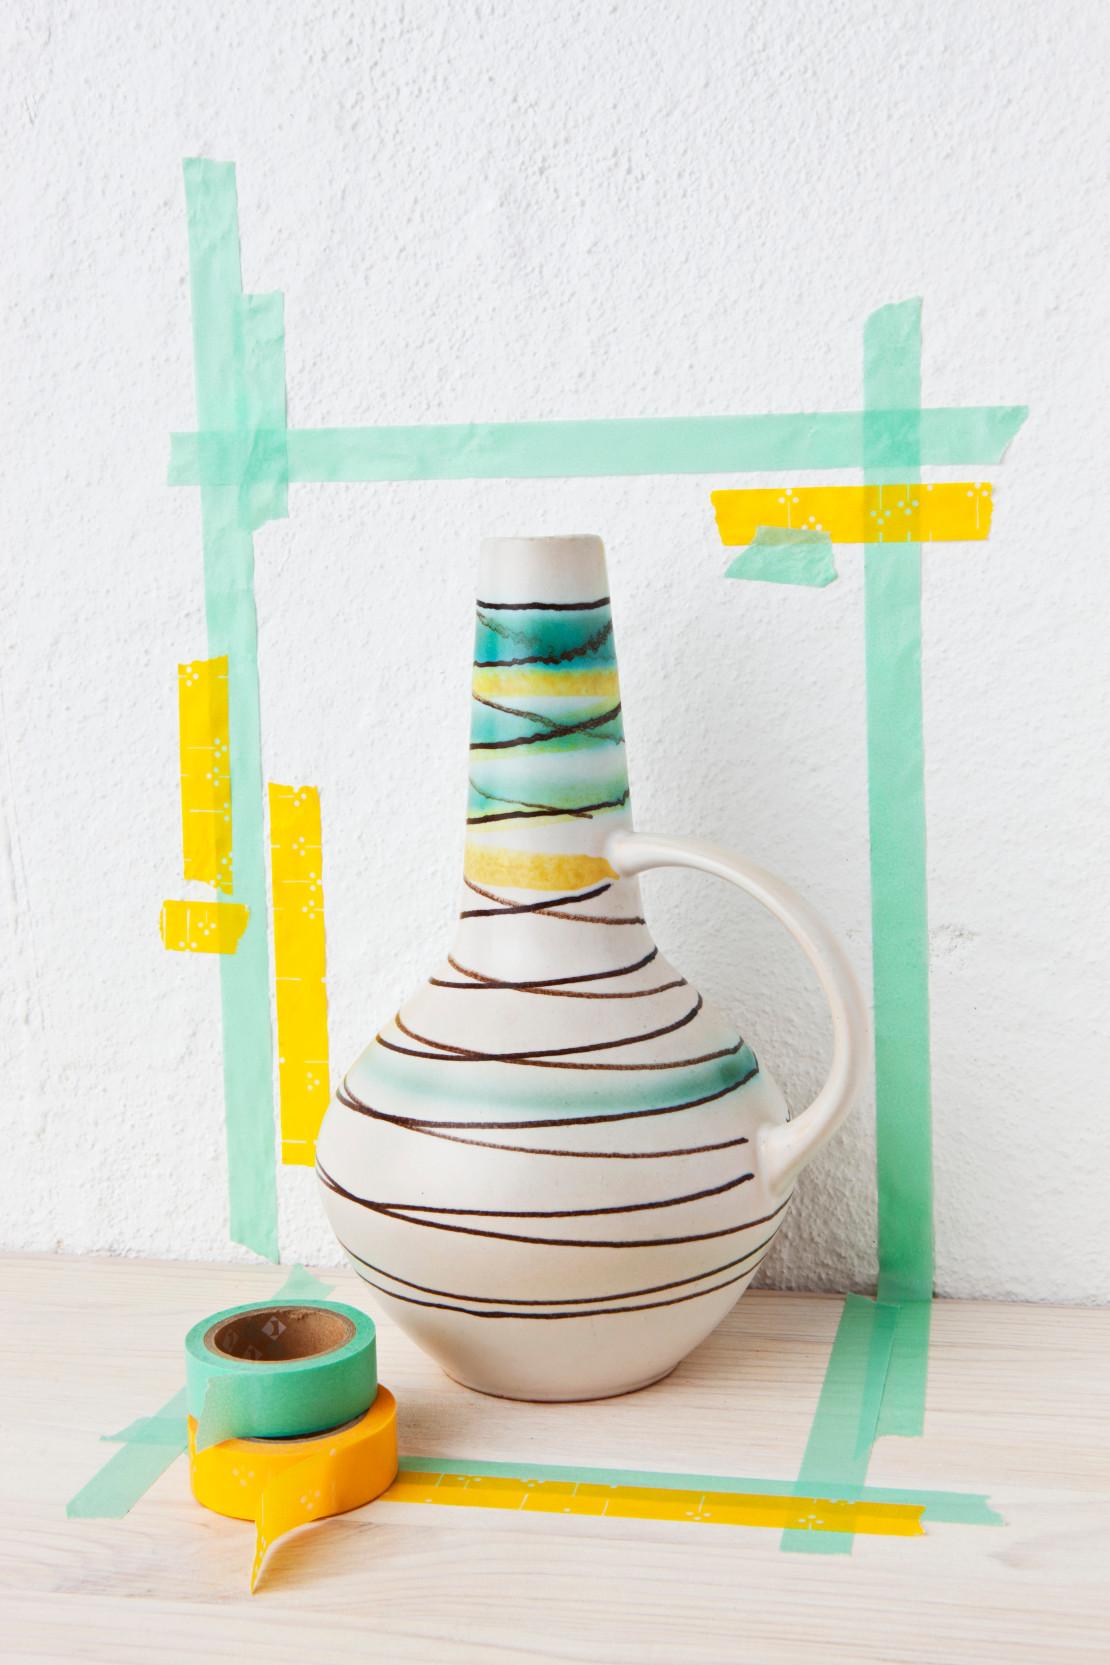 céramique-vase-coloré